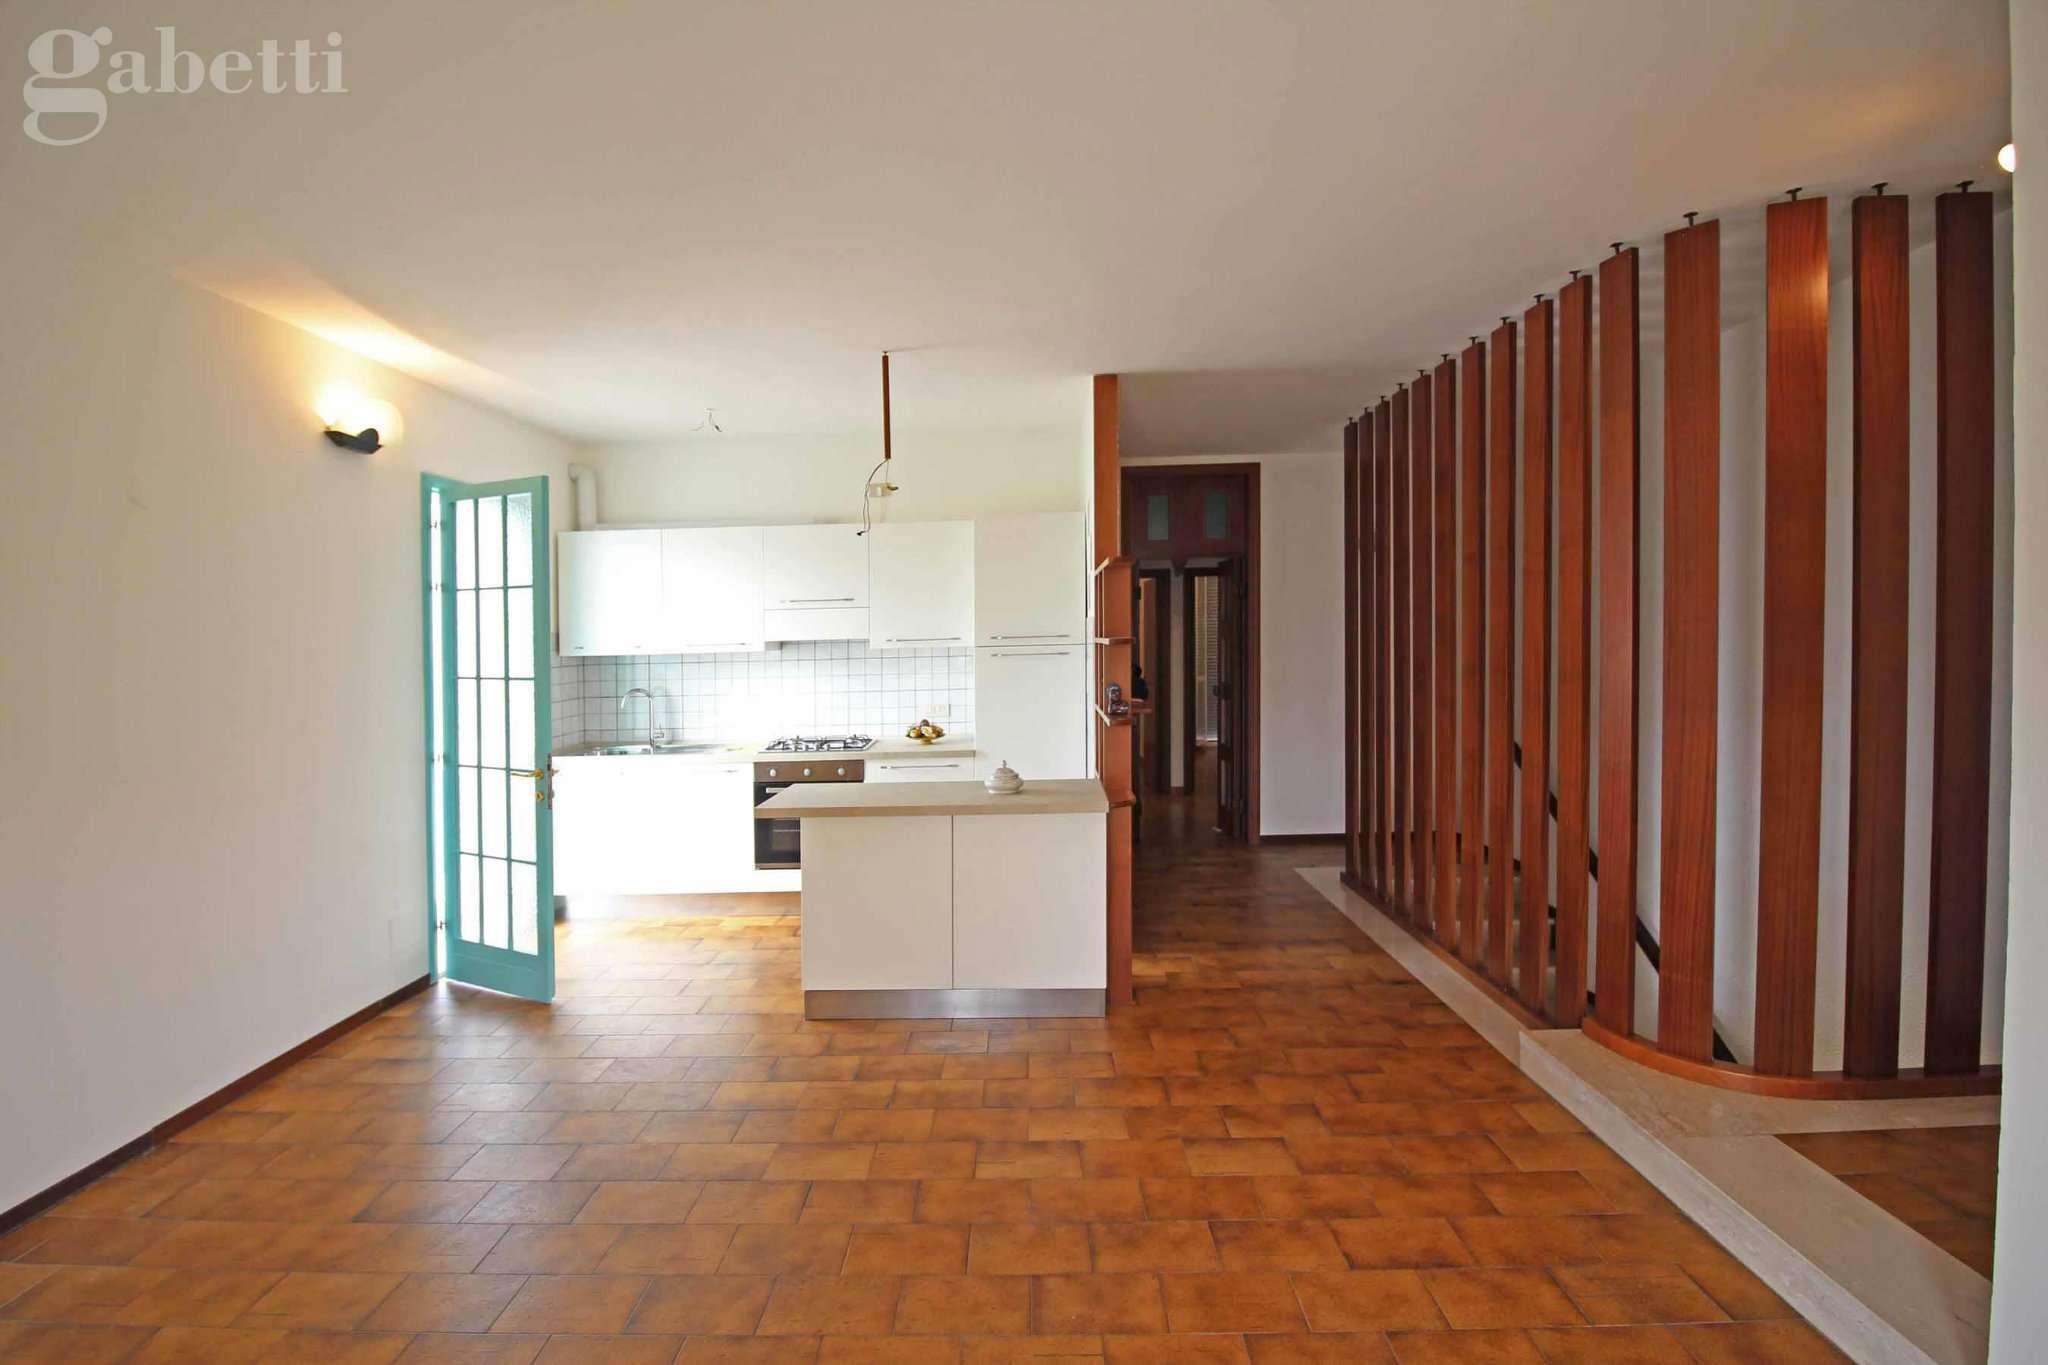 Appartamento in vendita a Mondolfo, 4 locali, prezzo € 170.000 | Cambio Casa.it